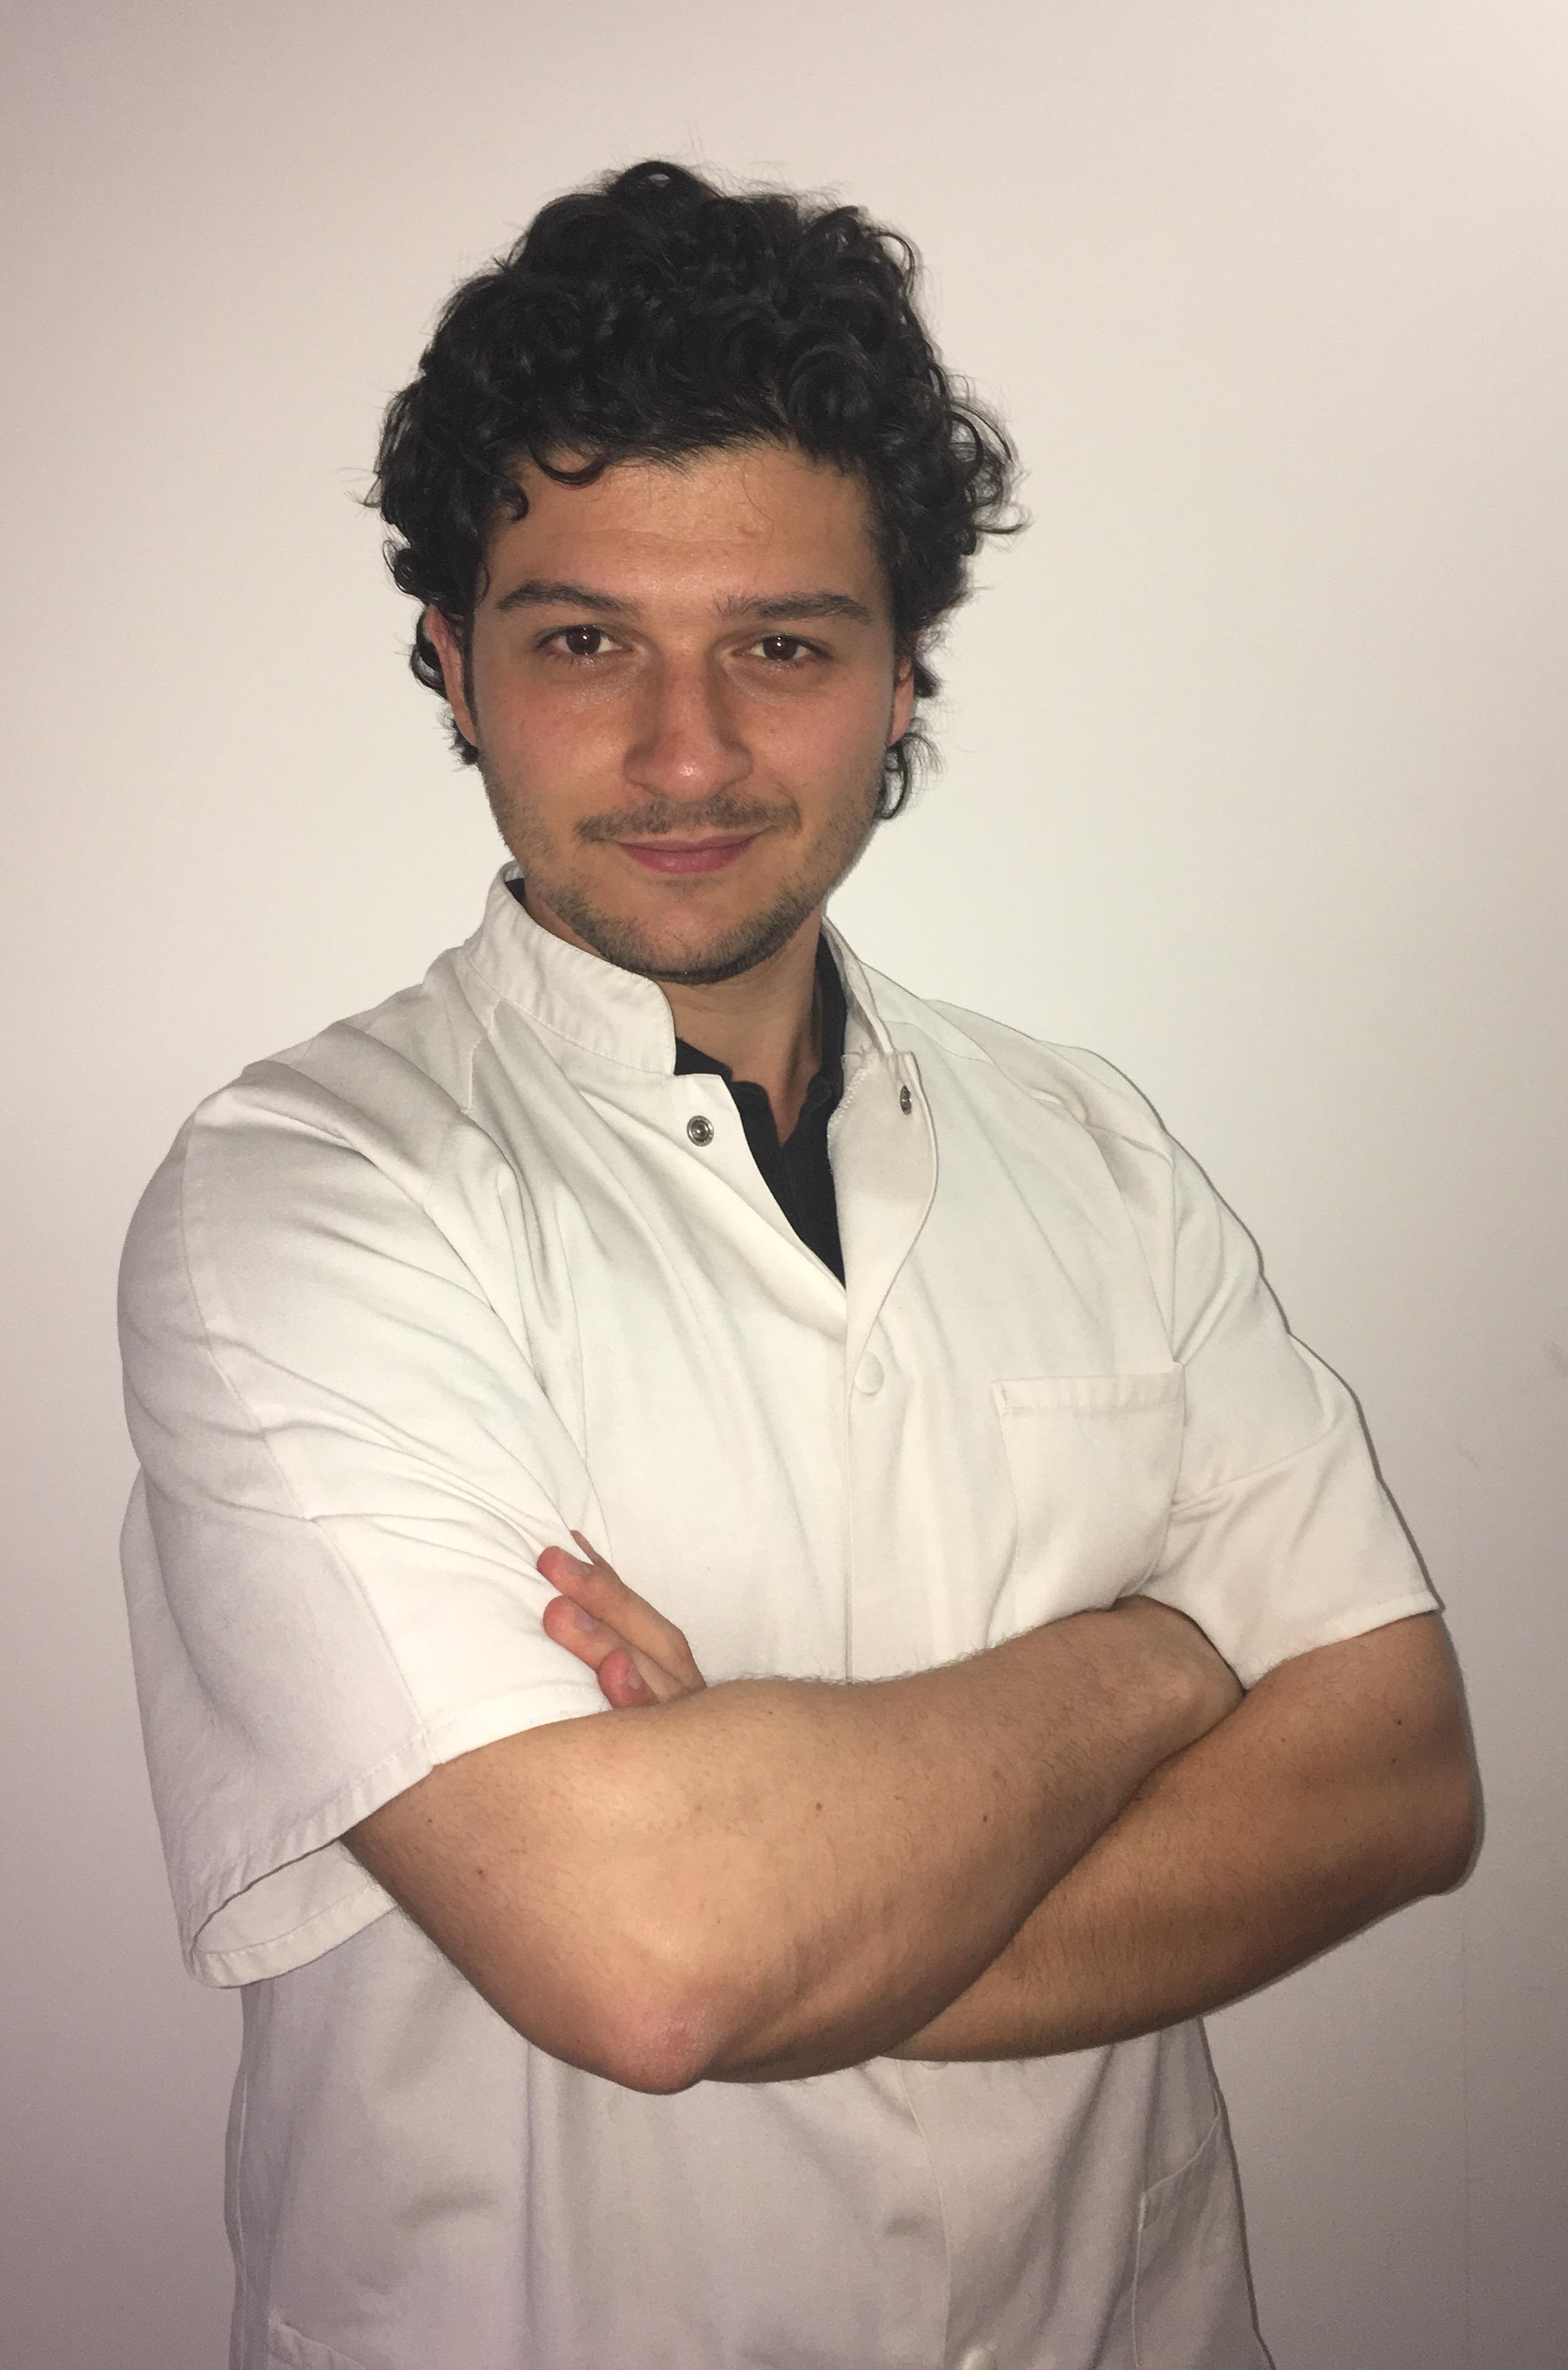 Simon El Malek, DO